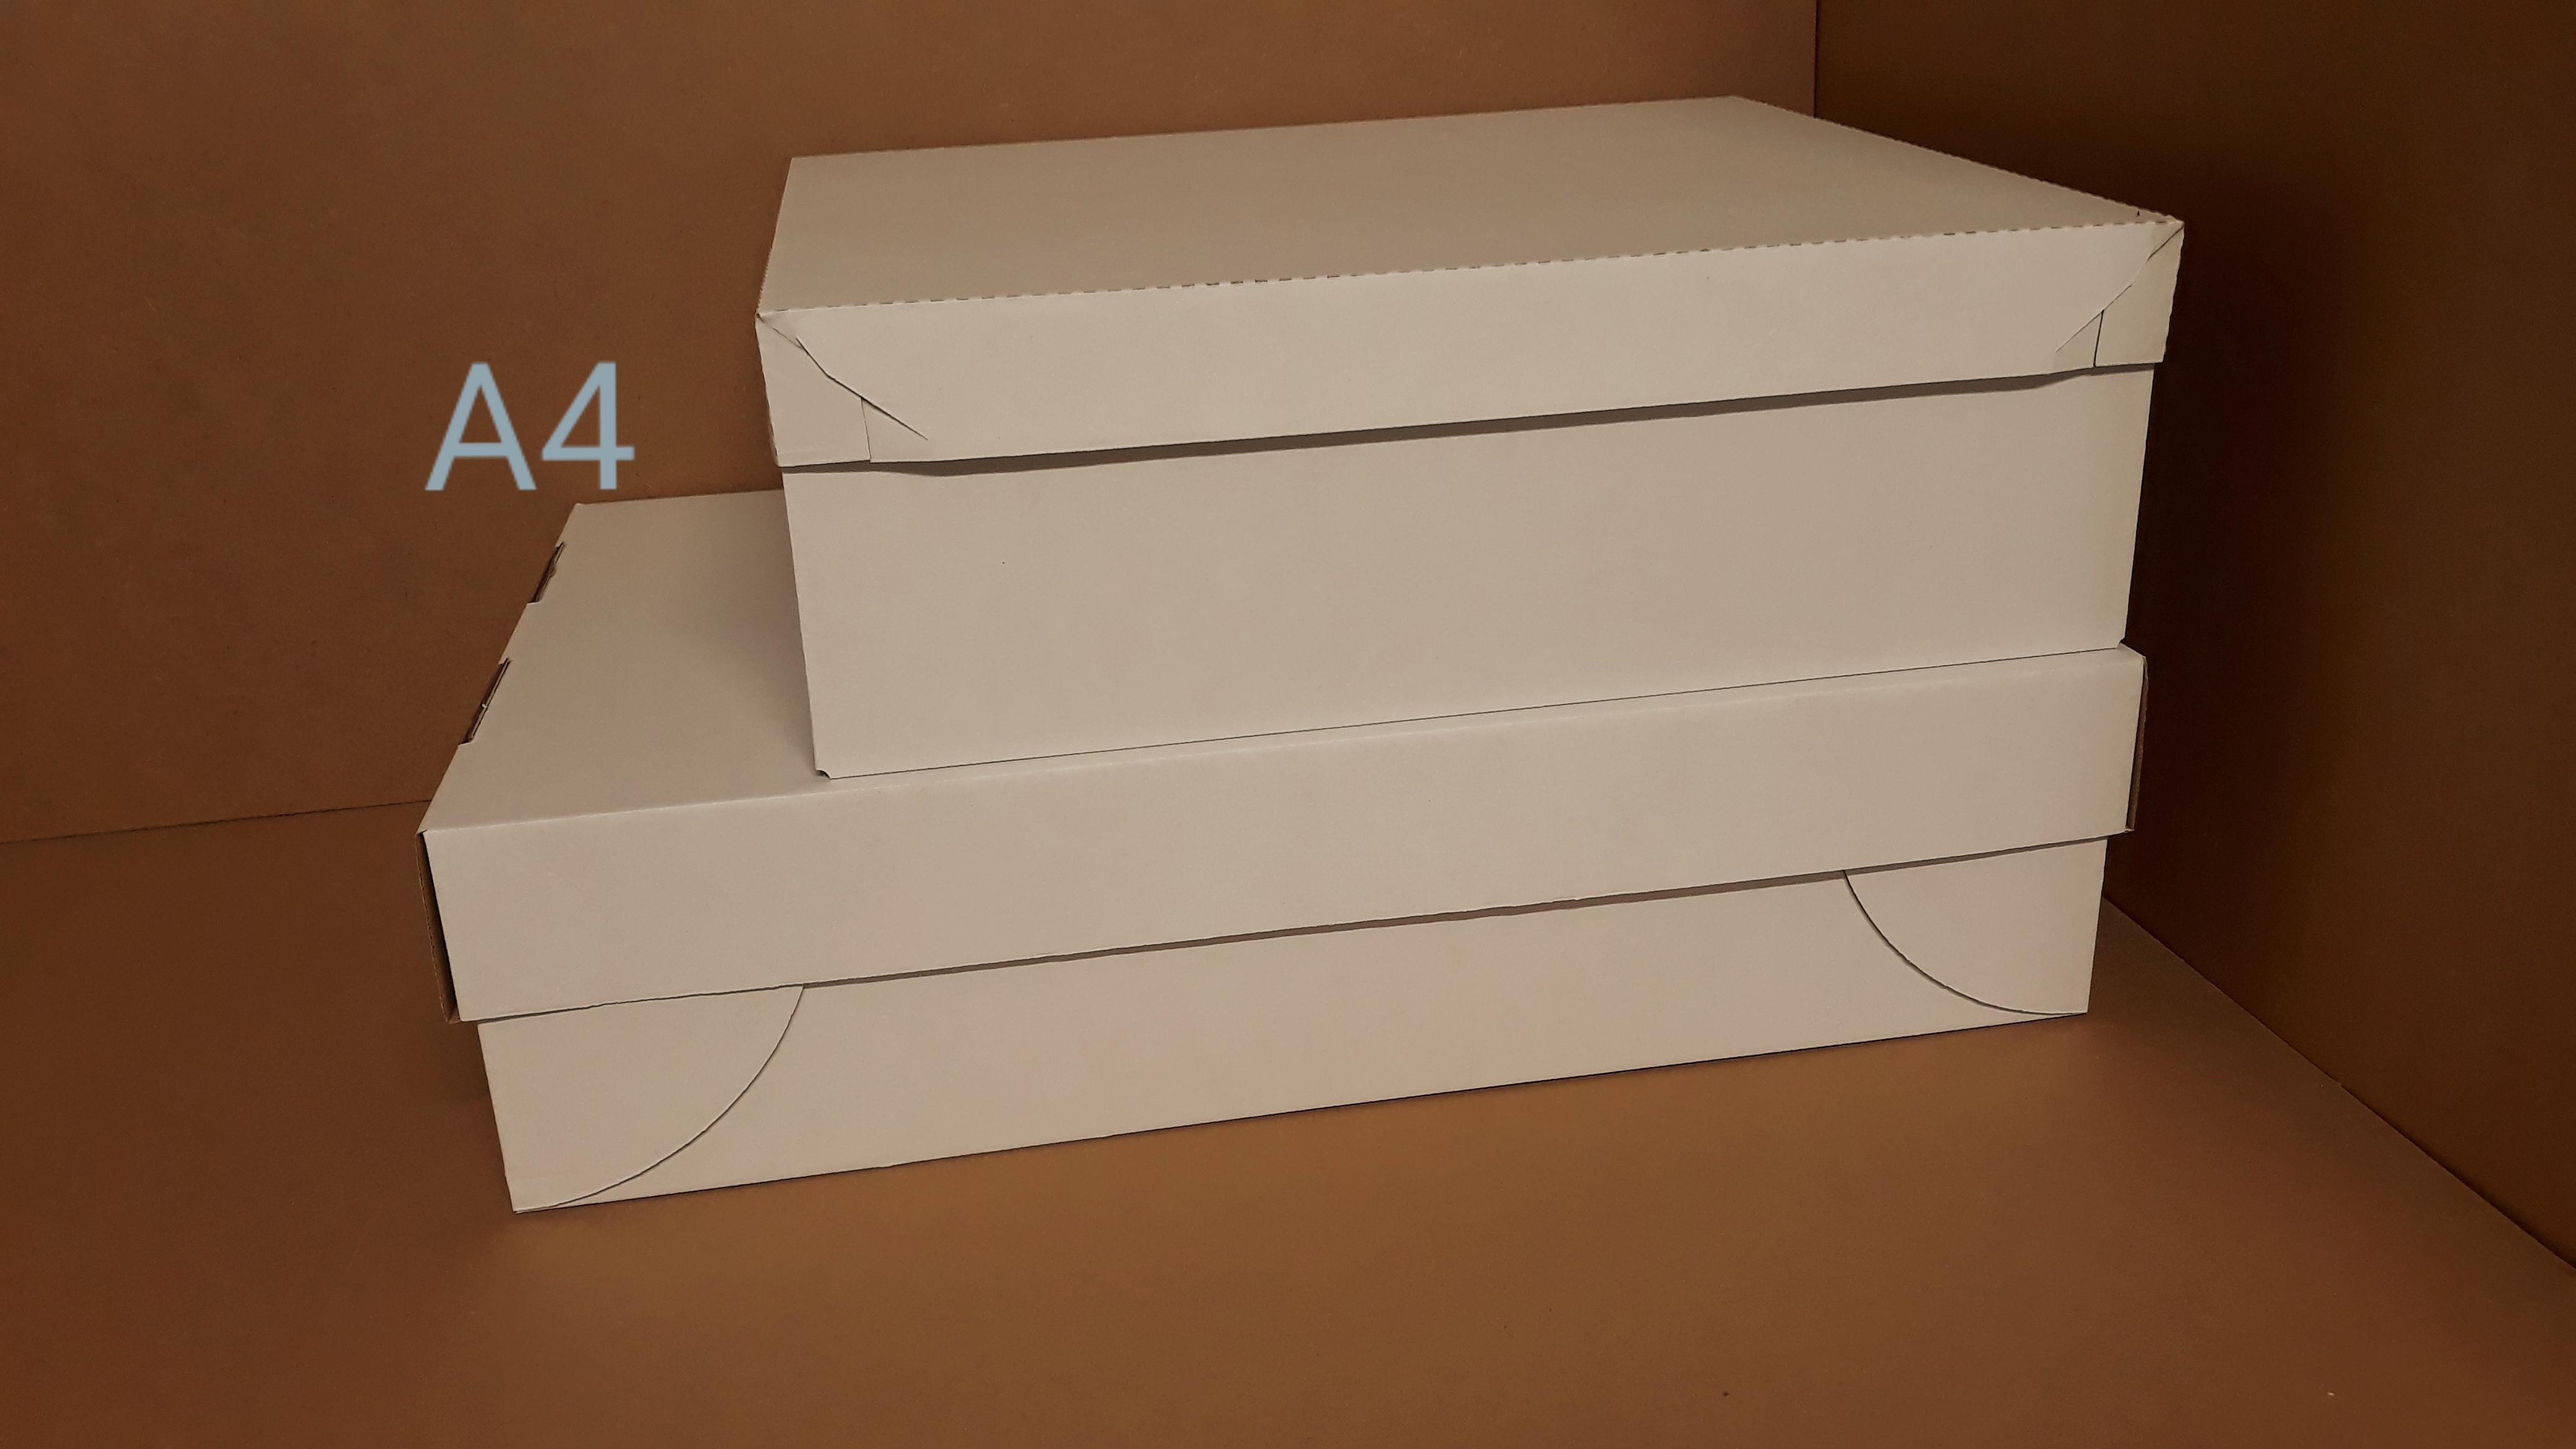 Pudełko z mikrofali z oddzielną przykrywką na torty i duże porcje ciasta